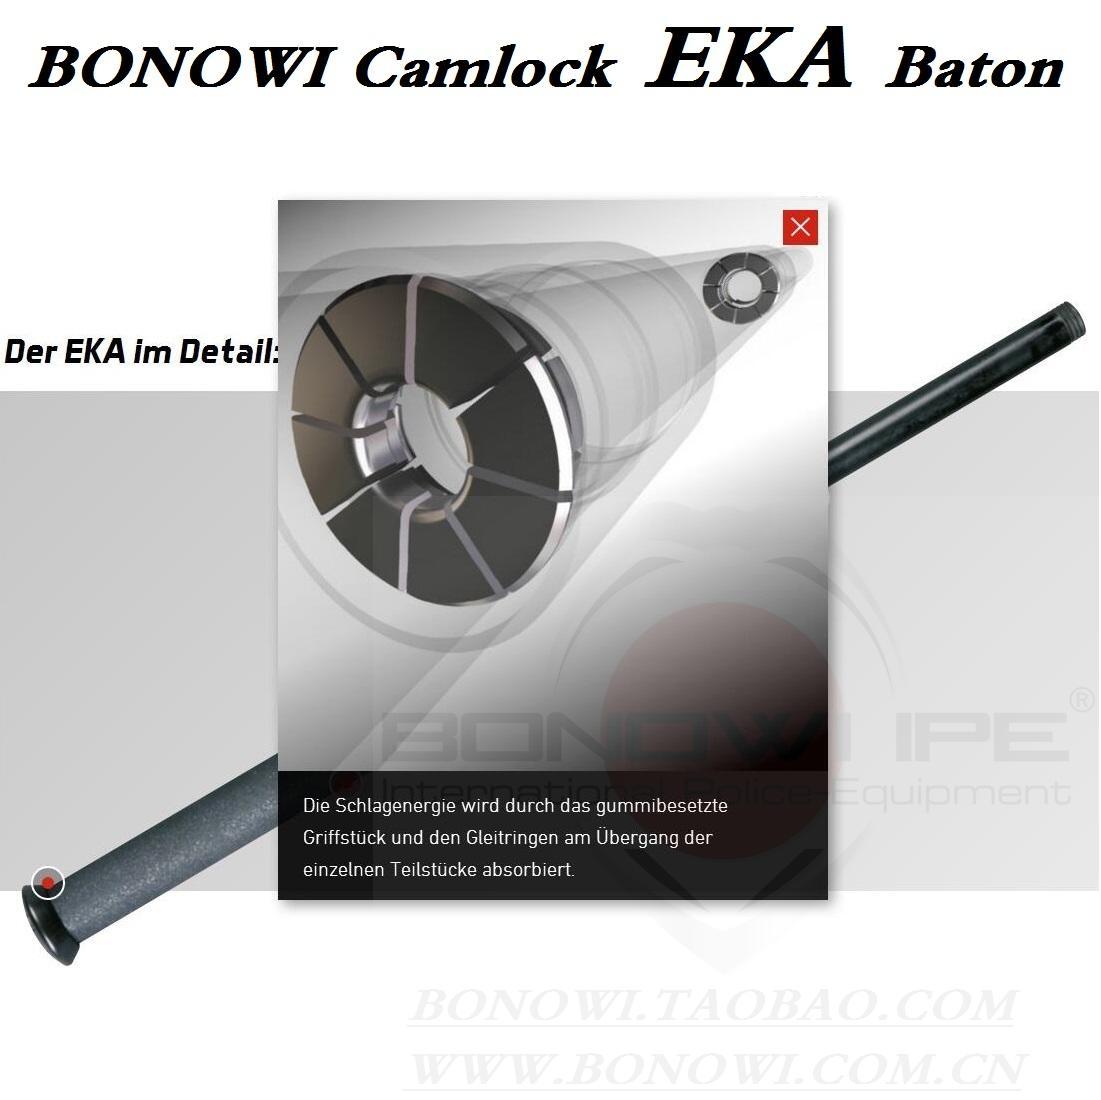 Телескопическая дубинка Bonowi 400150 Camlock EKA